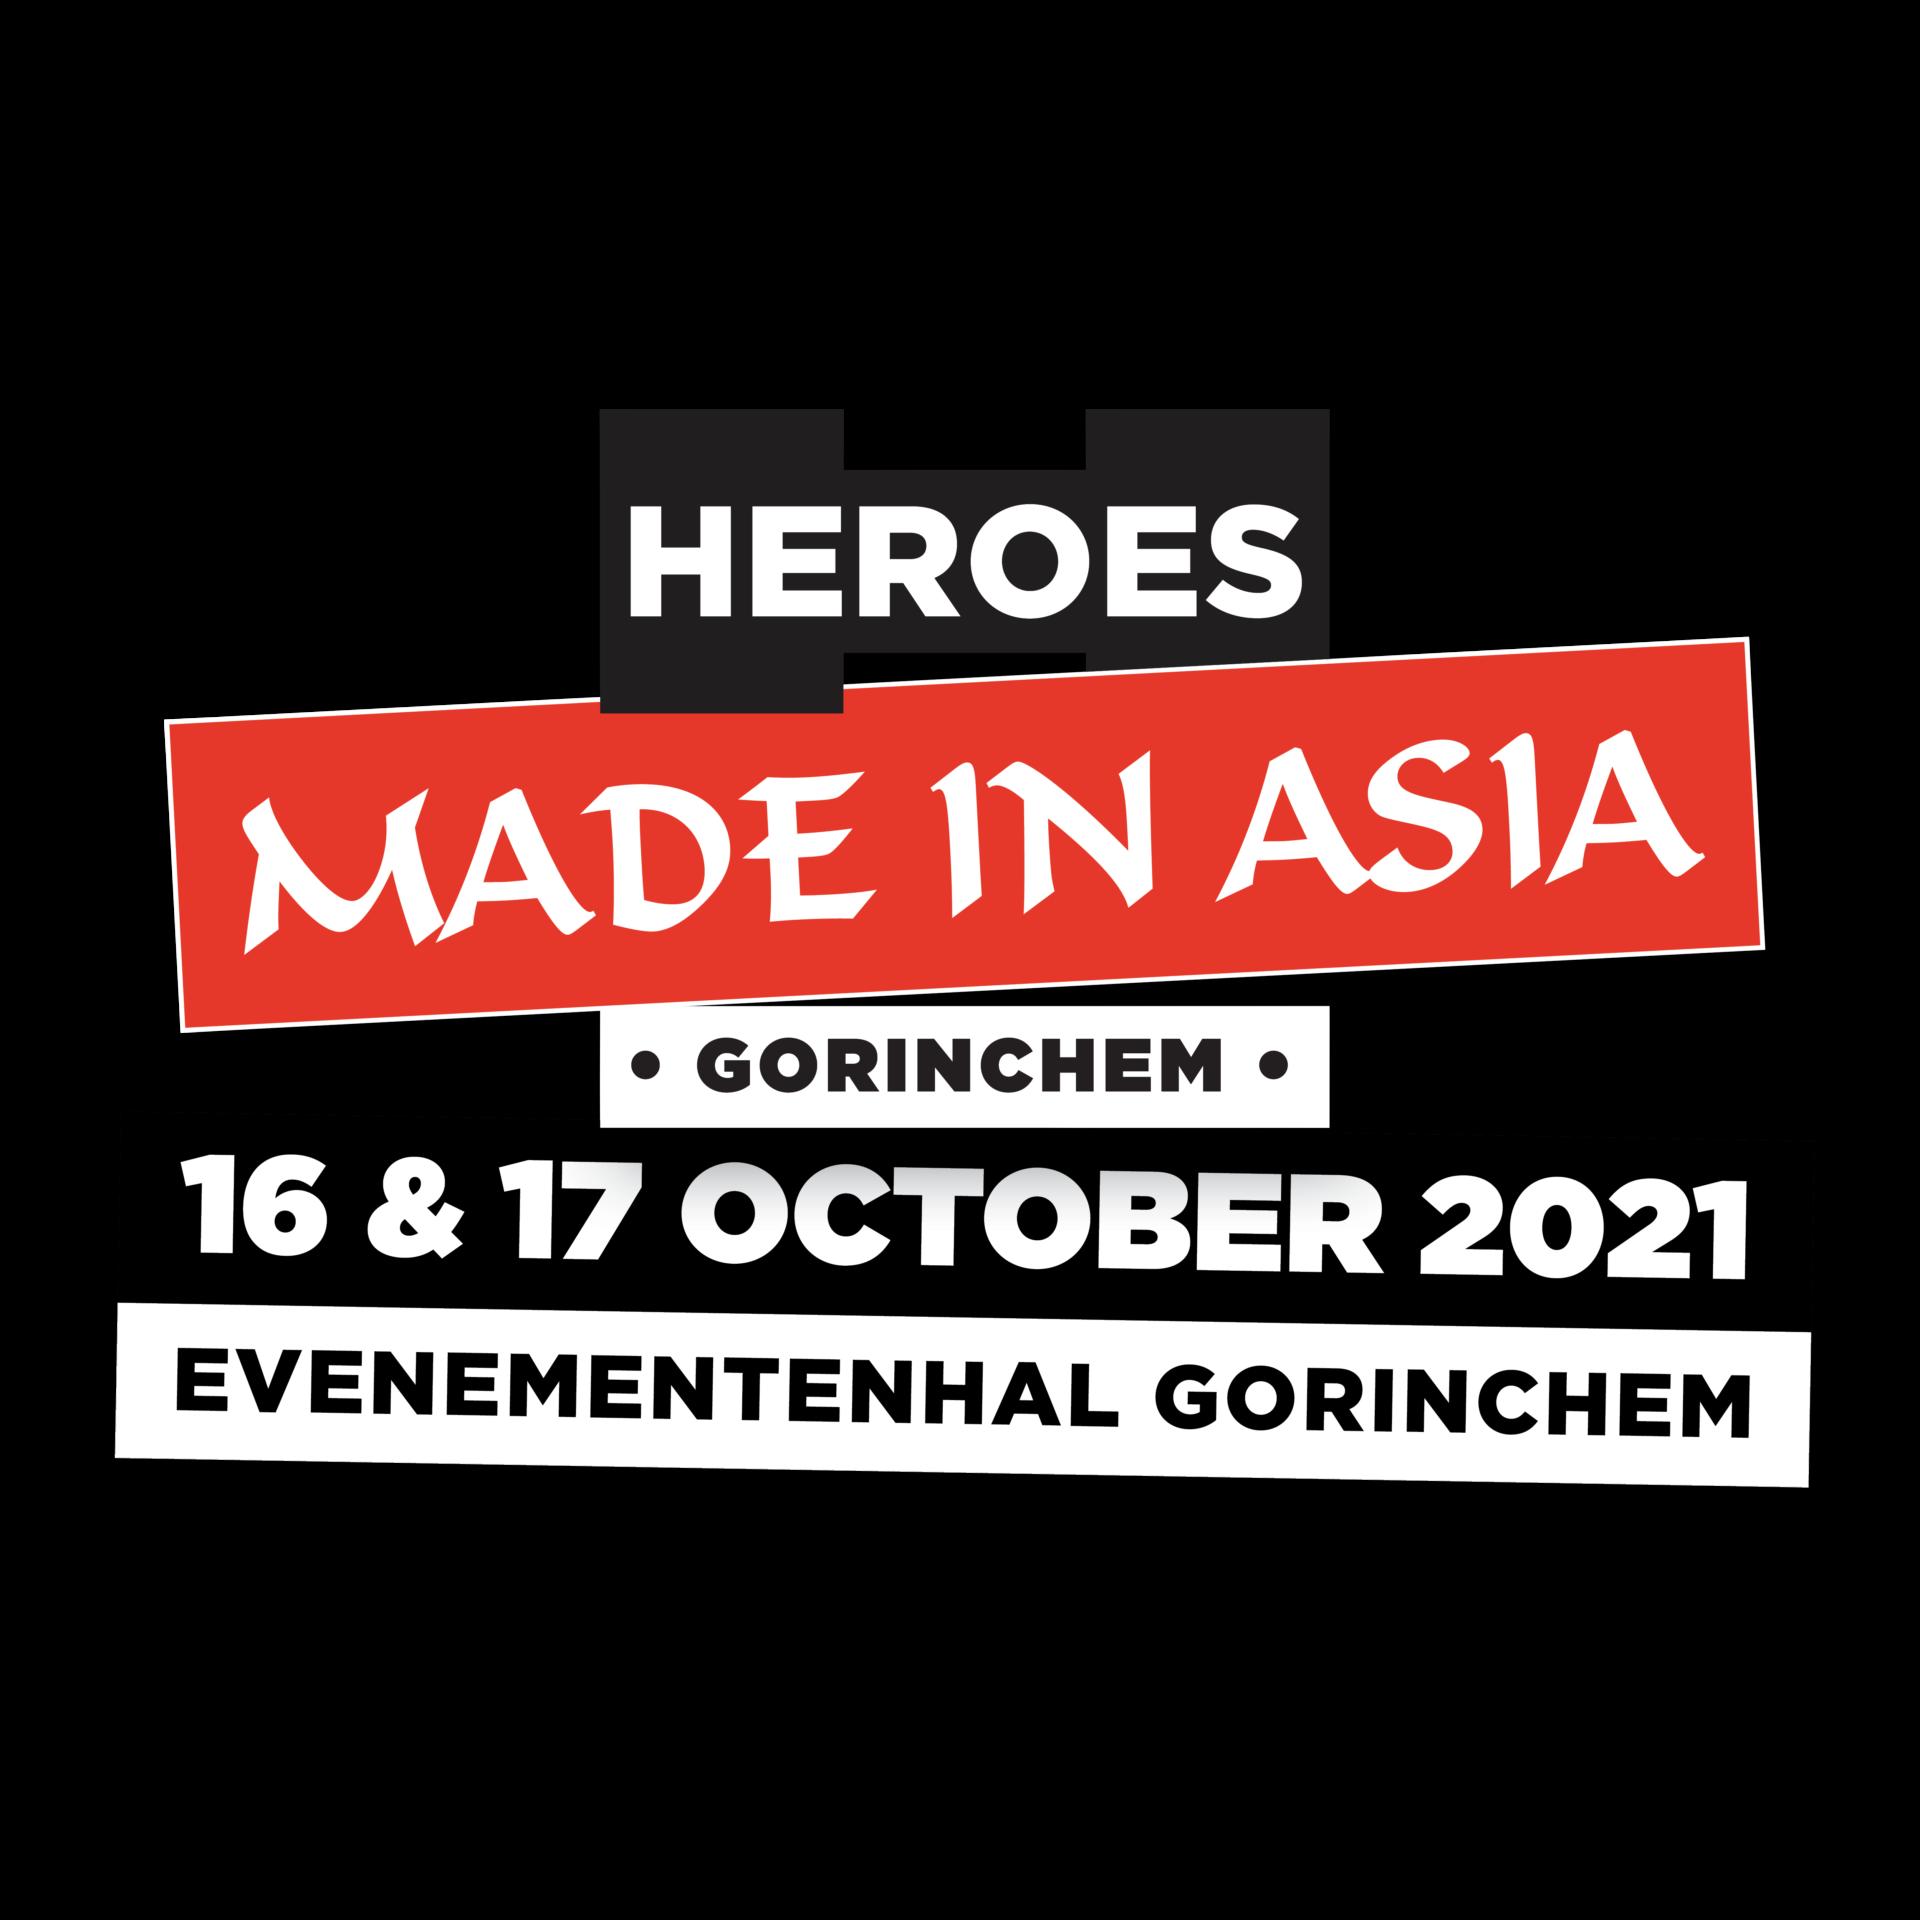 210203_HeroesMIA21_logo_datum_UK (1)